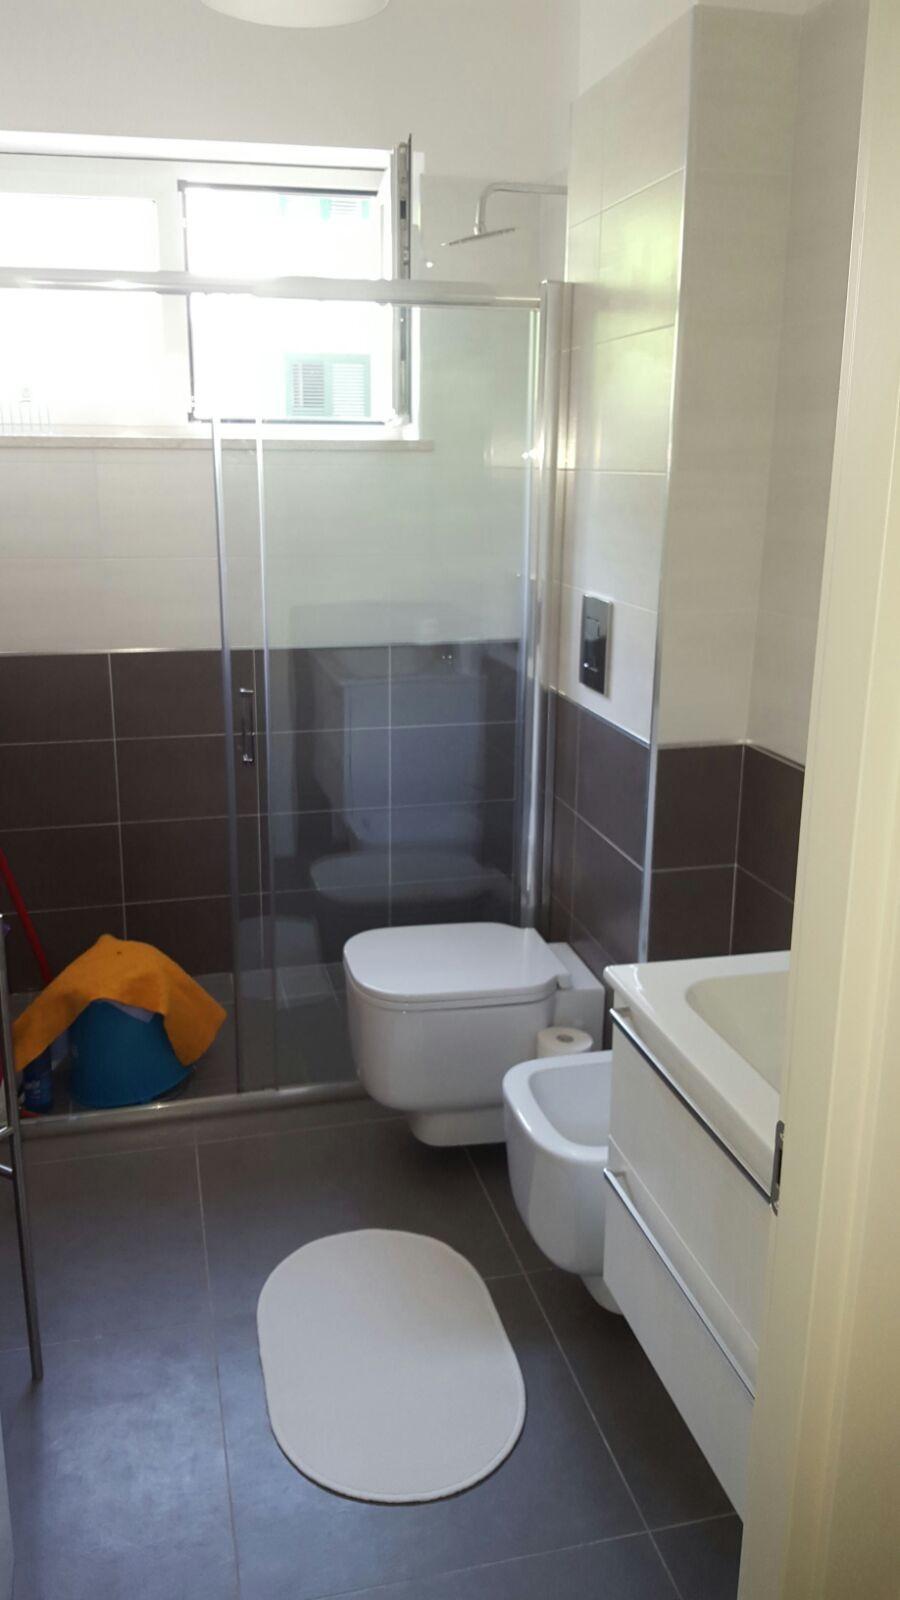 Appartamento Giovanile Appena Ristrutturato - Vicino Universita